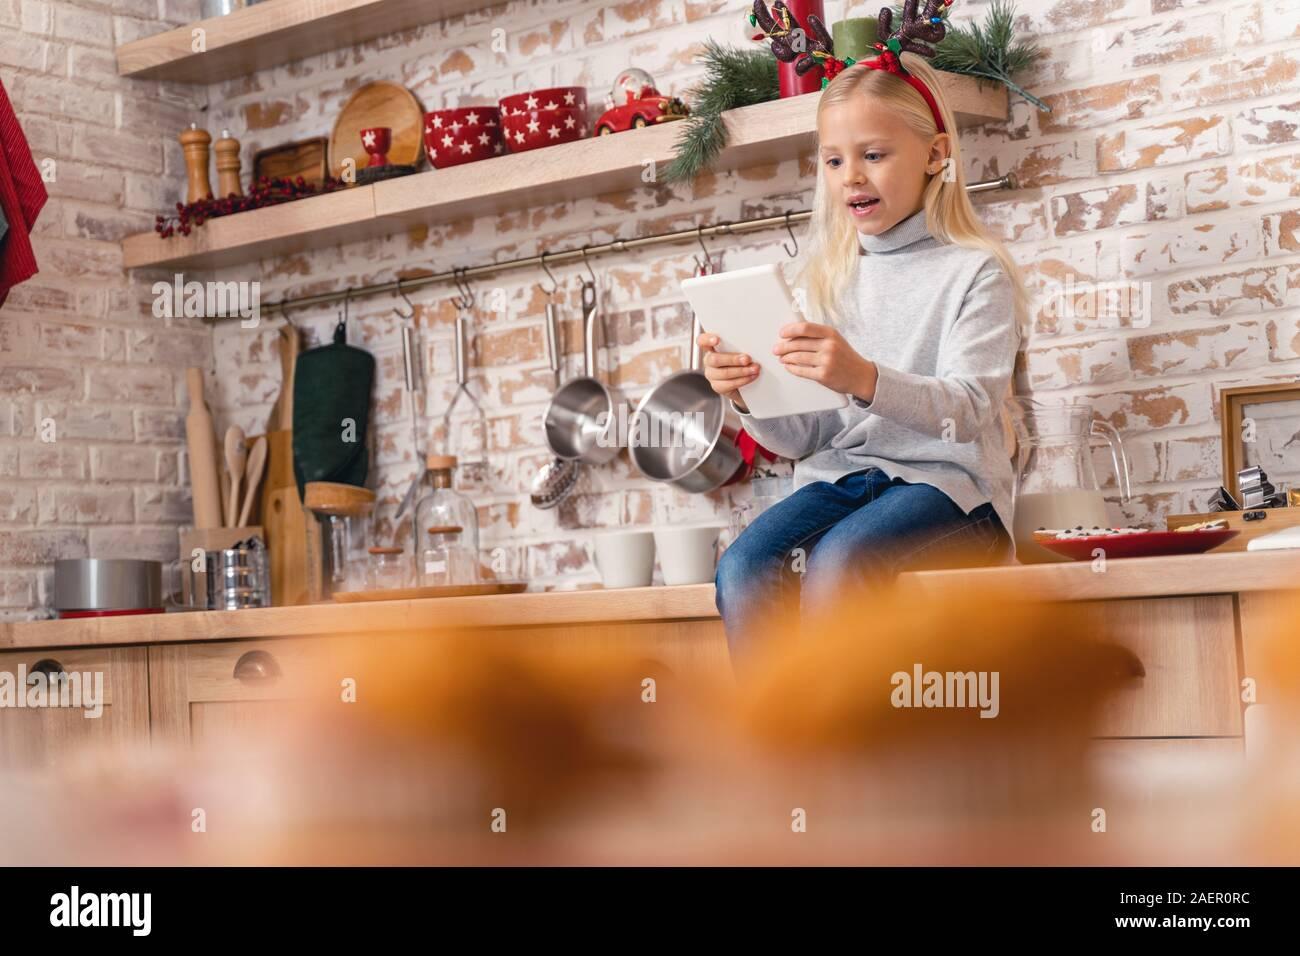 Poco caucásico niña jugando juegos en línea en interiores Foto de stock